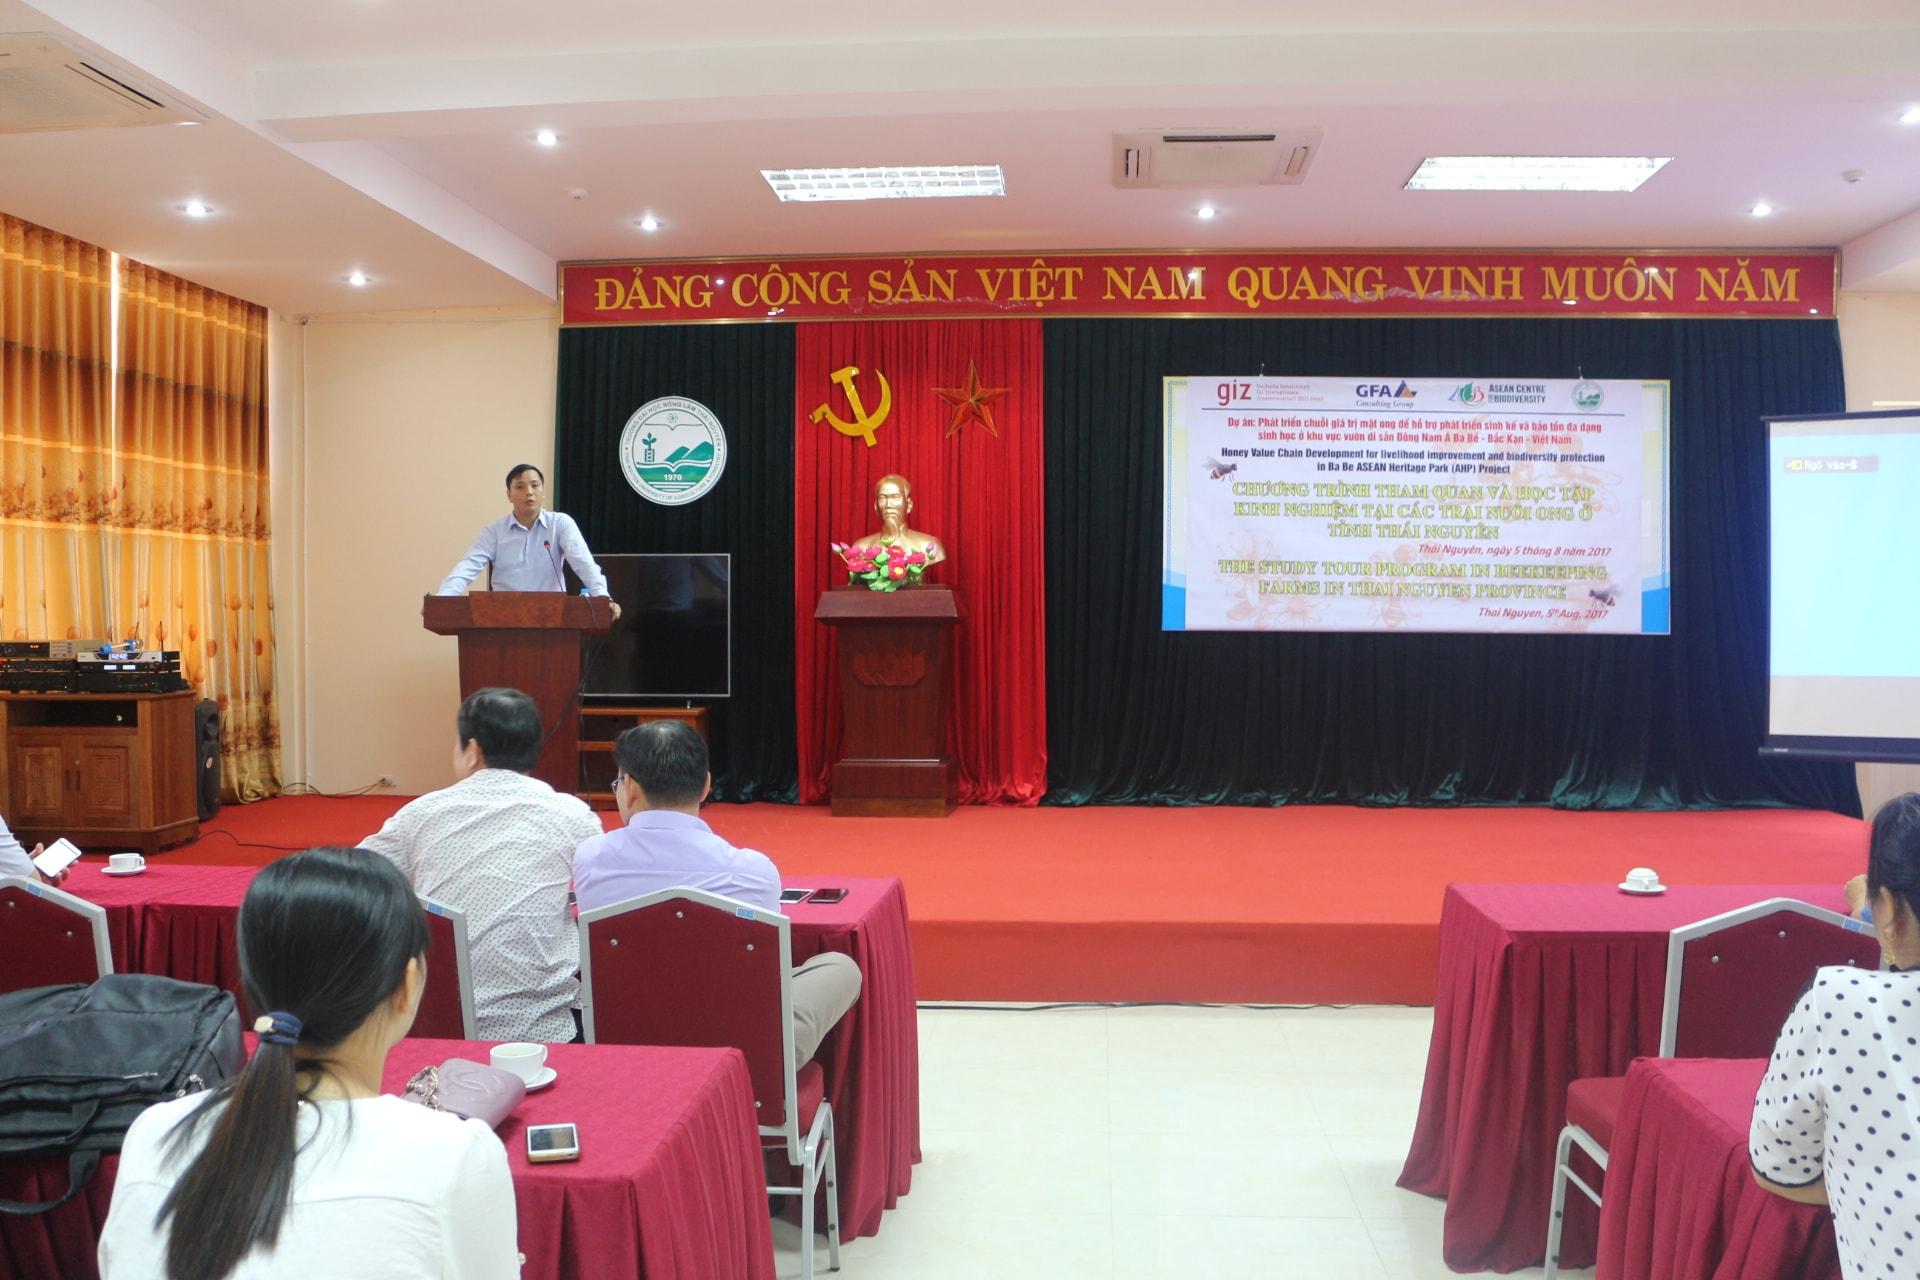 Ông Hà Kim Oanh - Phó giám đốc Sở Nông nghiệp tỉnh Bắc Kạn, phát biểu trước hội thảo